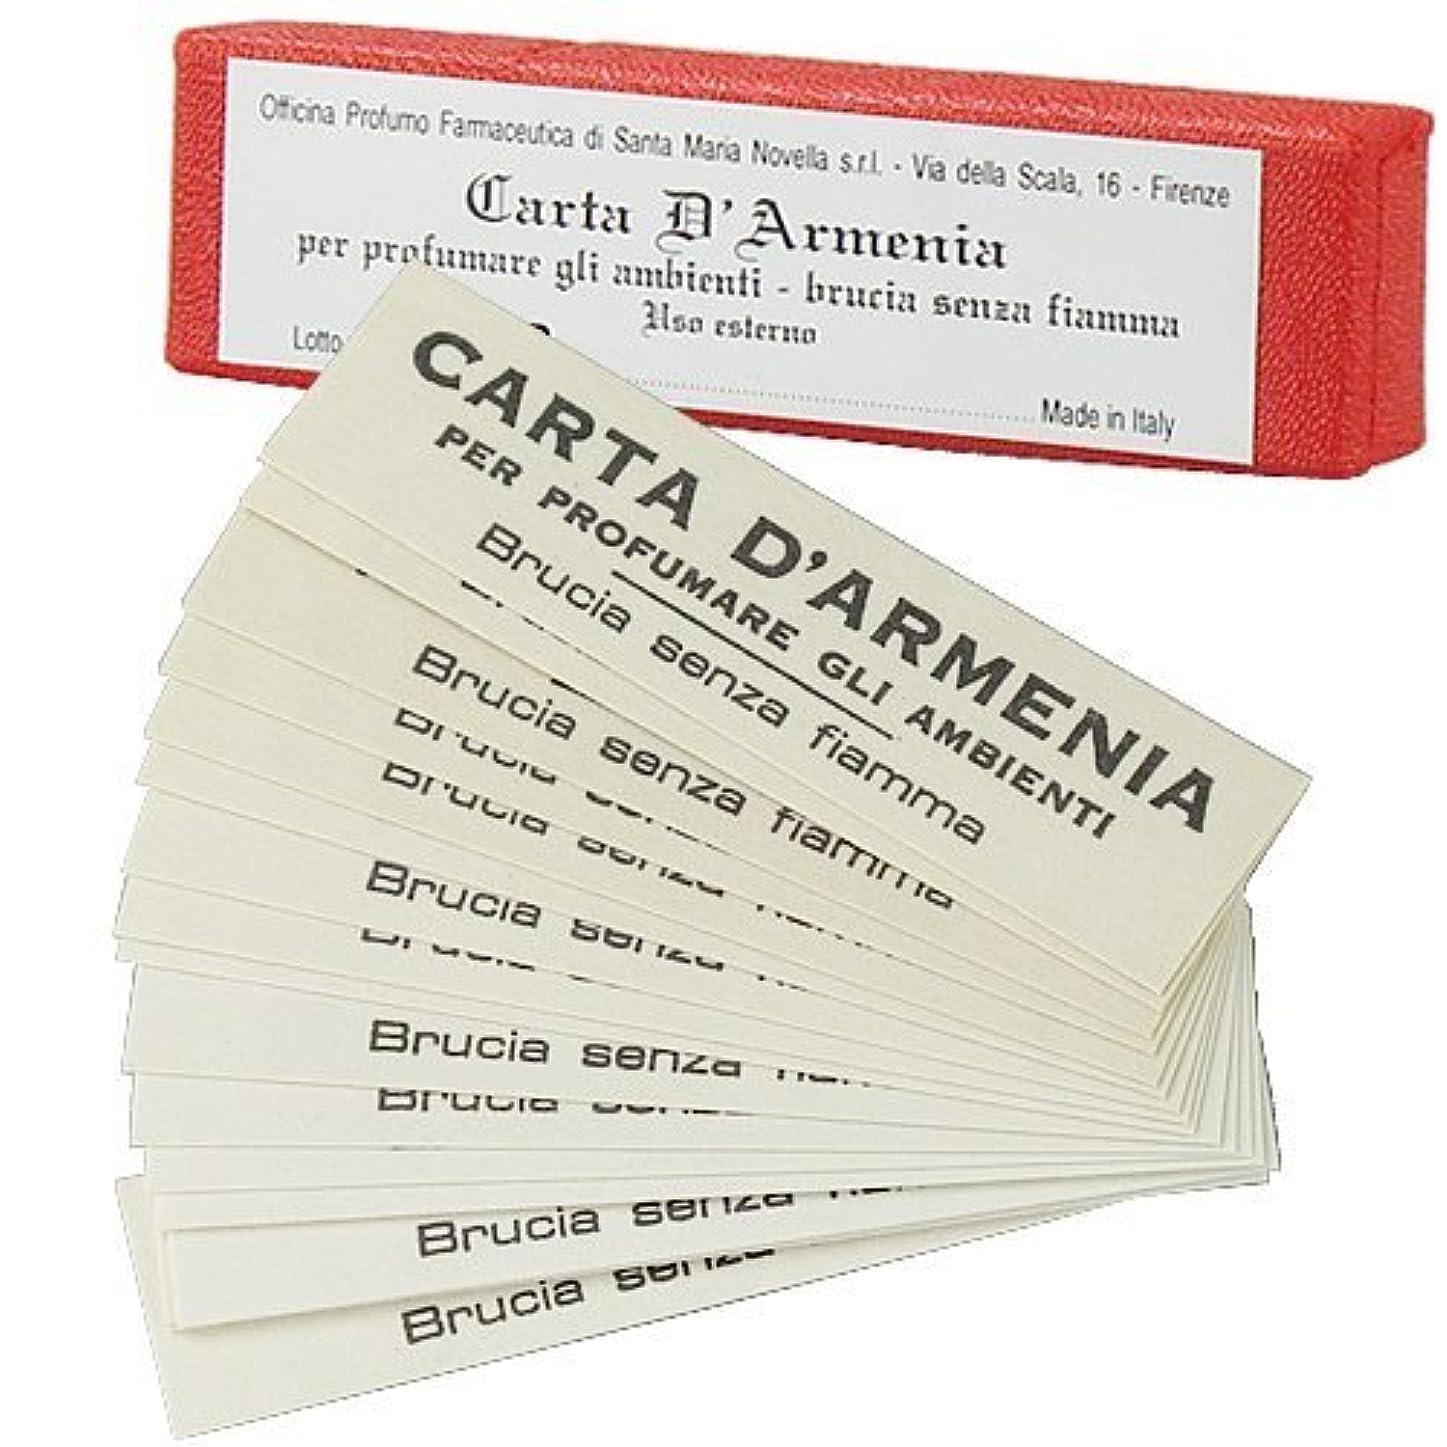 話すエレクトロニックカフェテリアサンタマリアノヴェッラ アルメニア紙(お香) [並行輸入品] 18枚入り